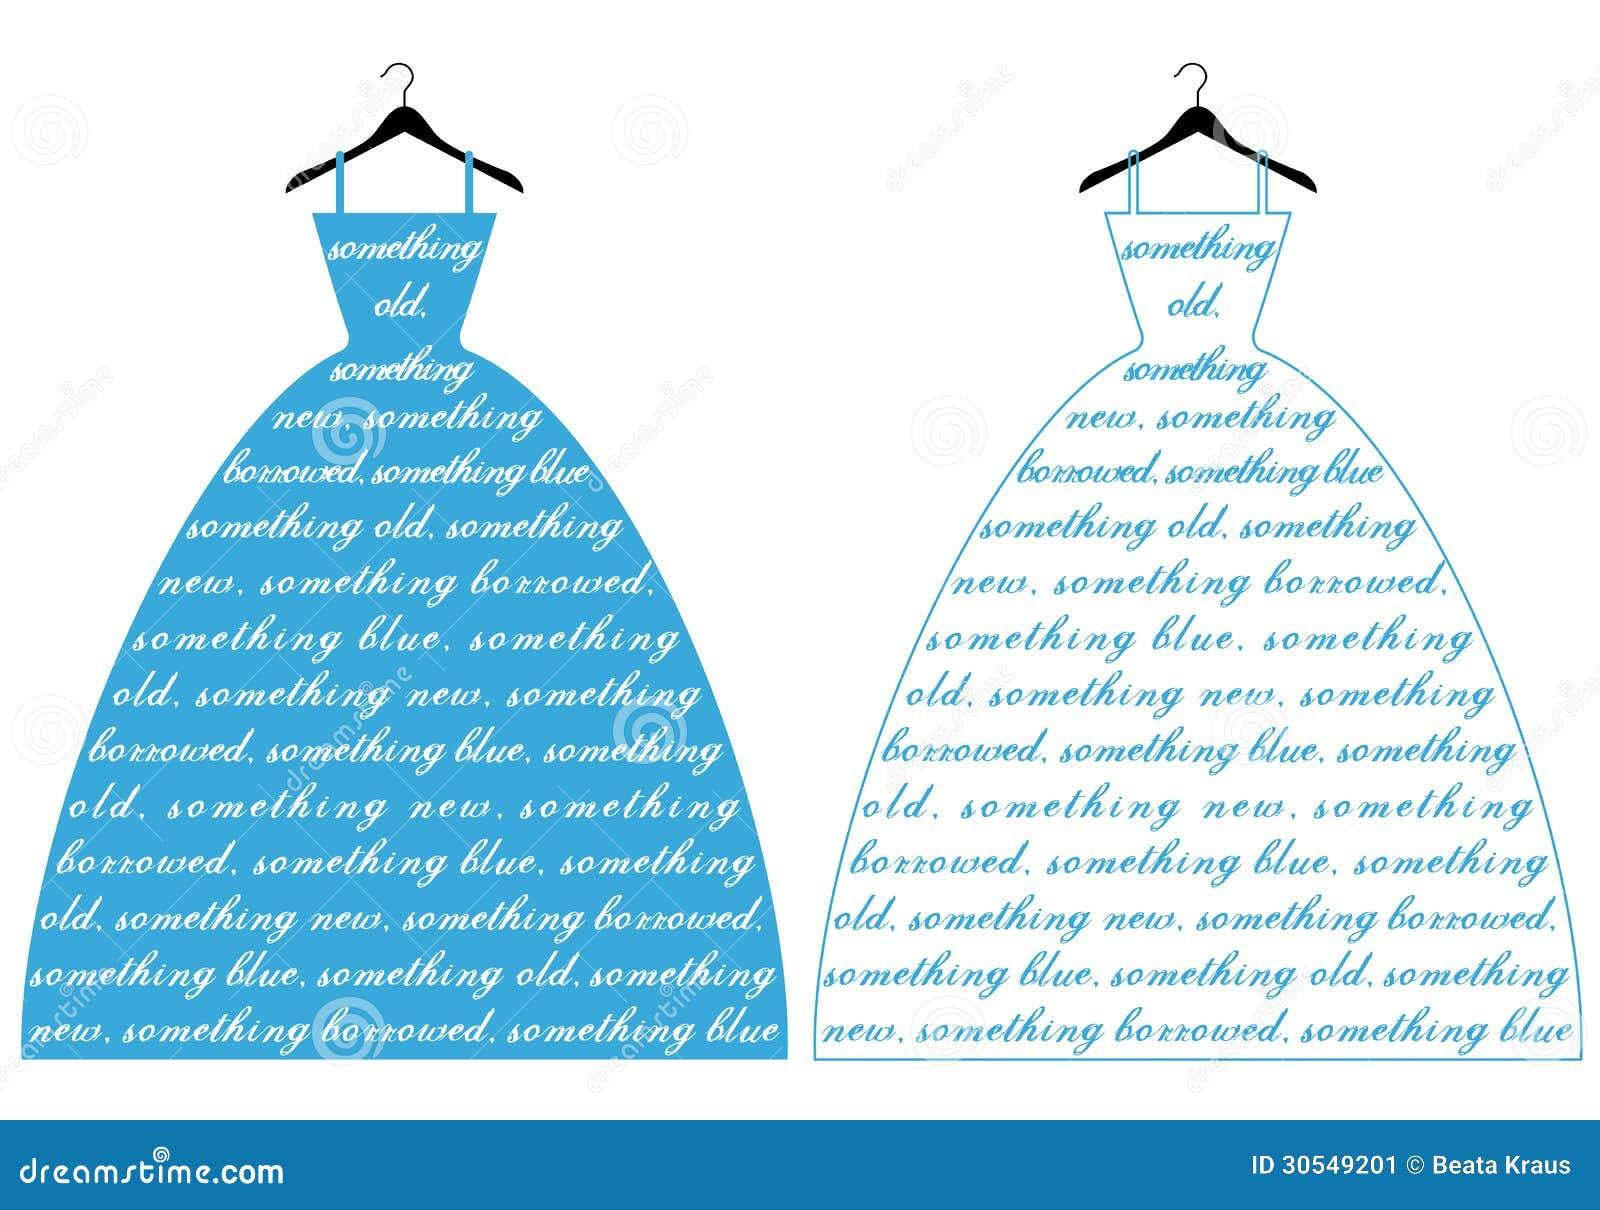 Vestido de casamento com texto algo azul, ilustração do vetor.